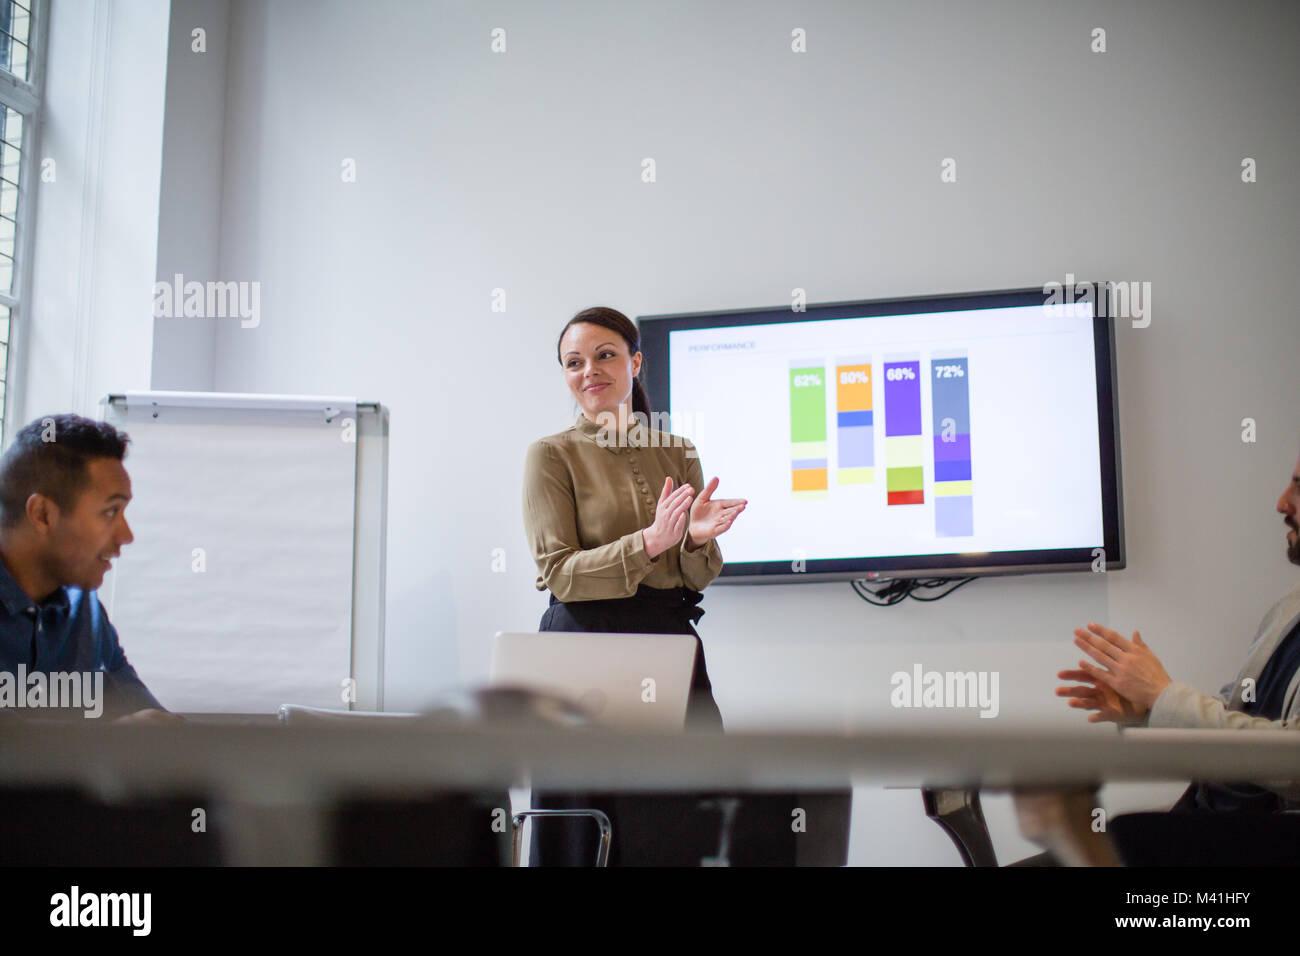 Femmina executive business applaudire le prestazioni dei team Immagini Stock